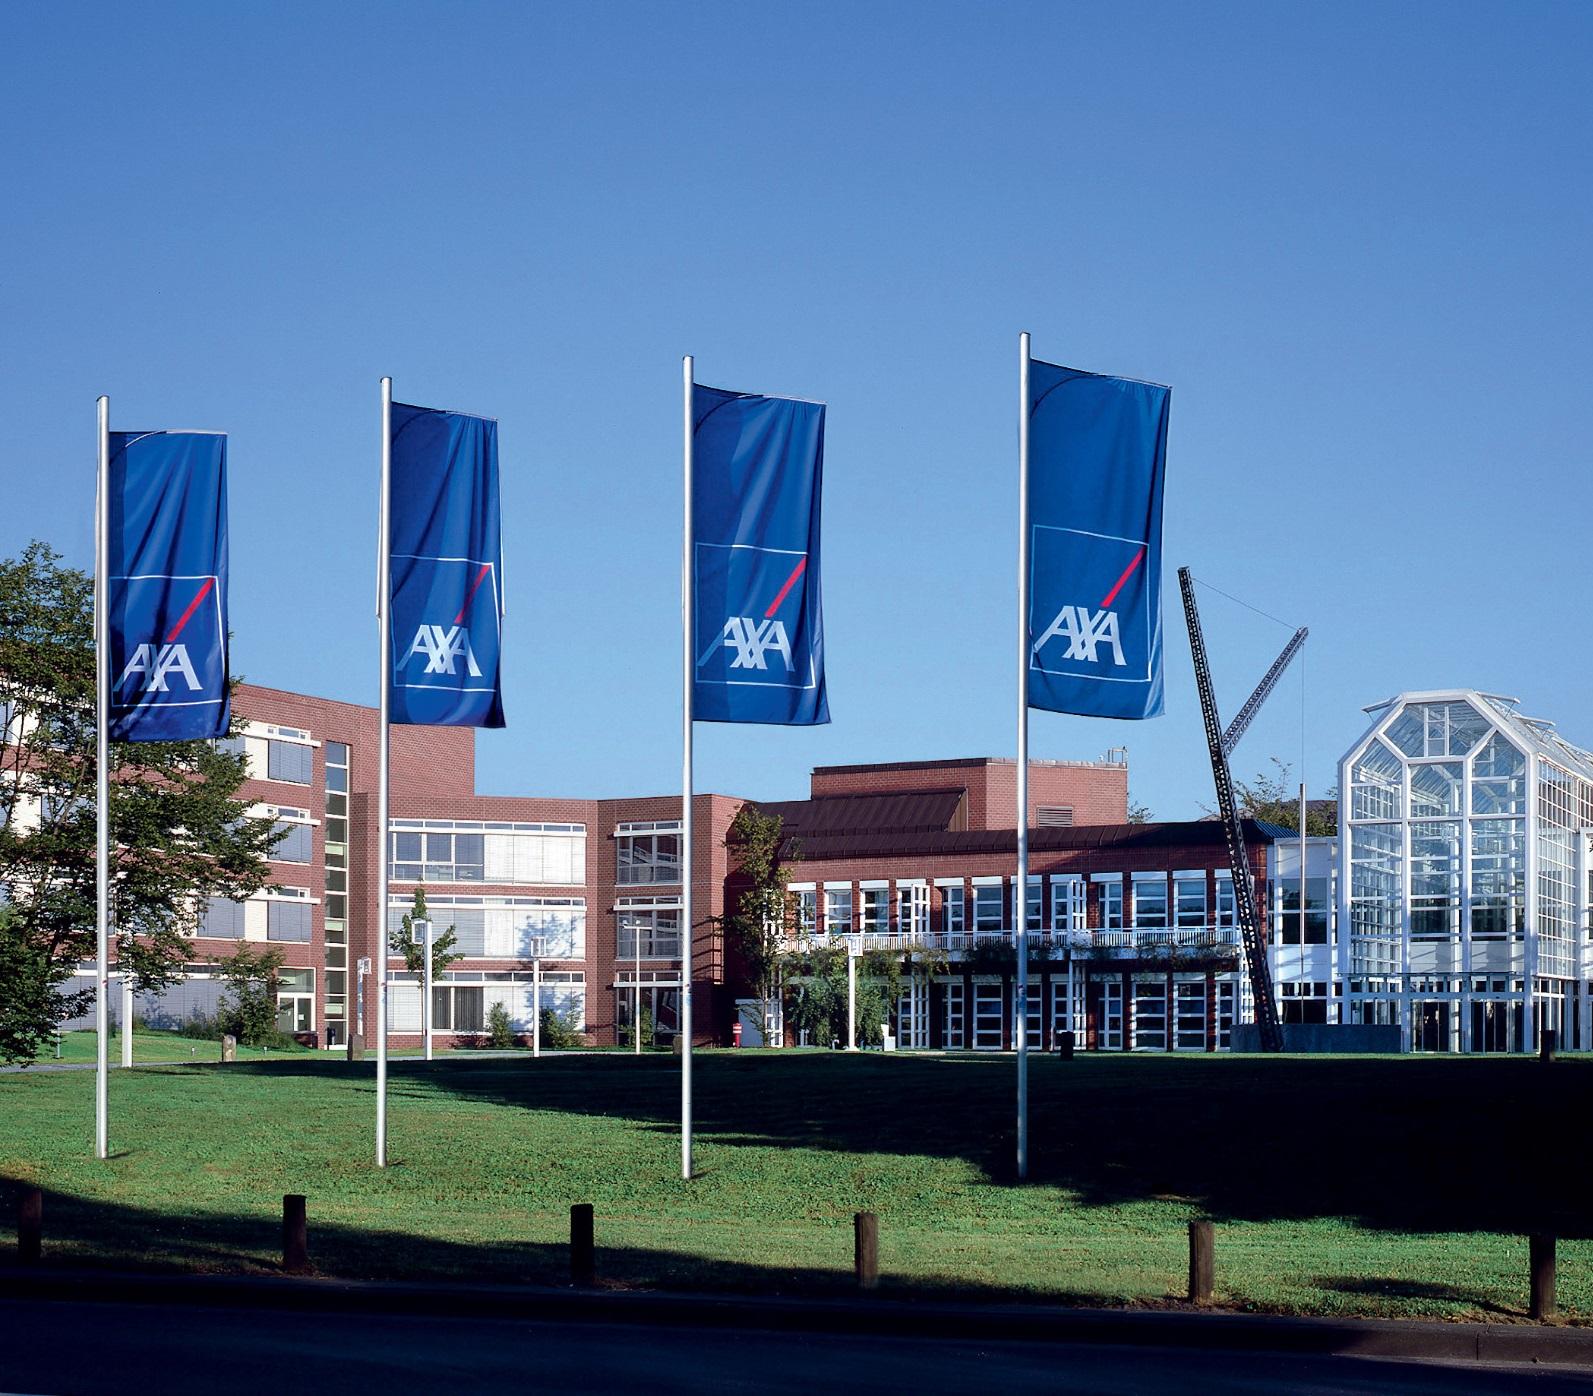 Hier würden Sie das Hauptverwaltungsgebäude von AXA sehen